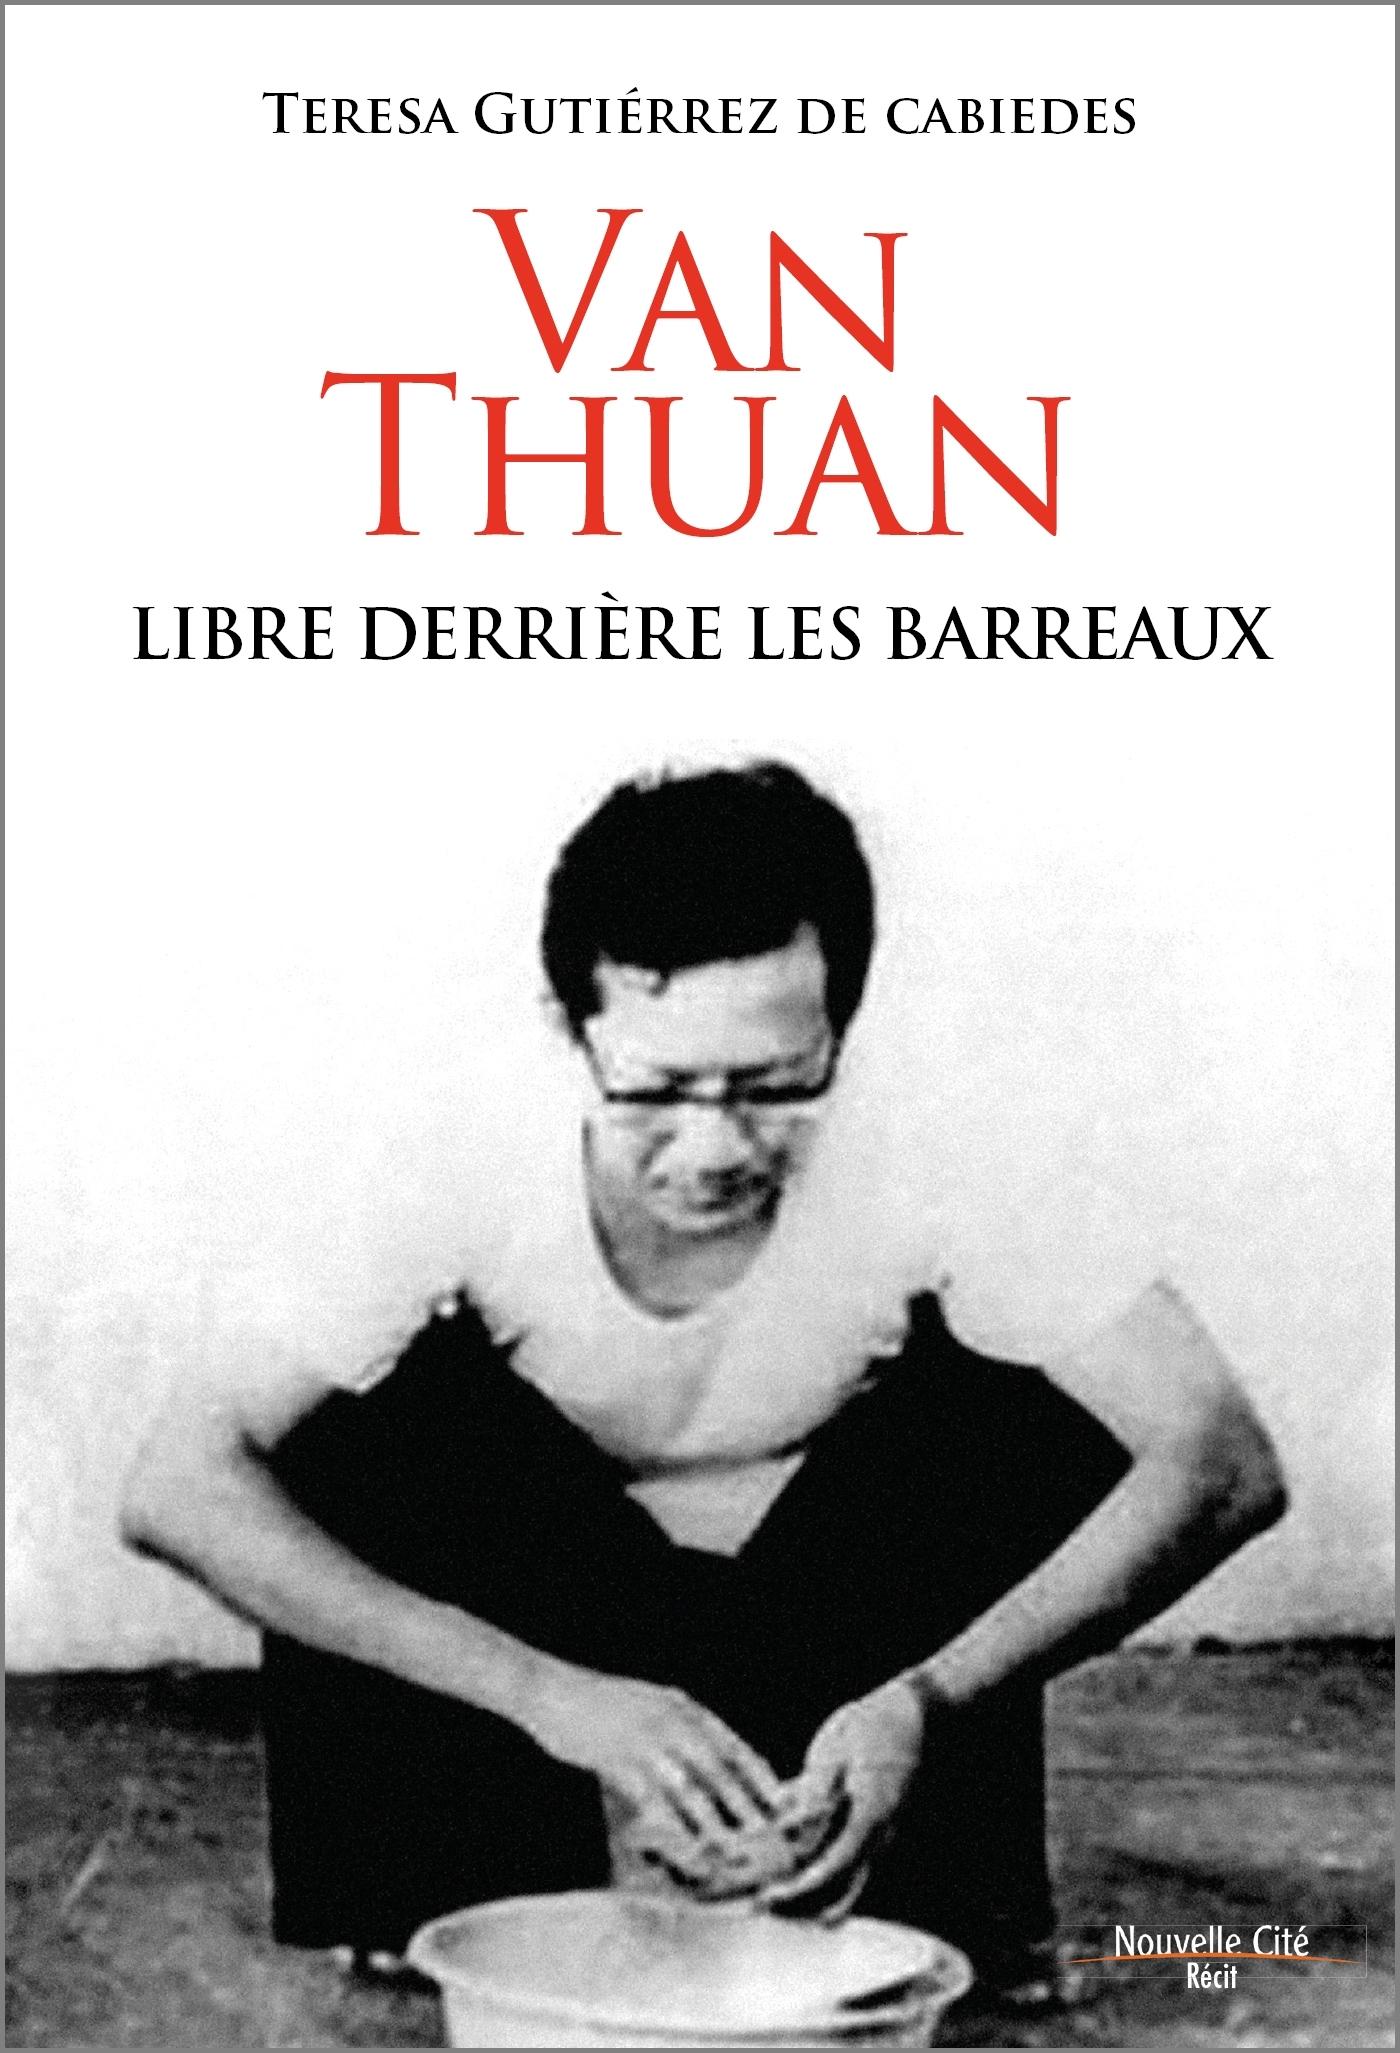 VAN THUAN, LIBRE DERRIERE LES BARREAUX